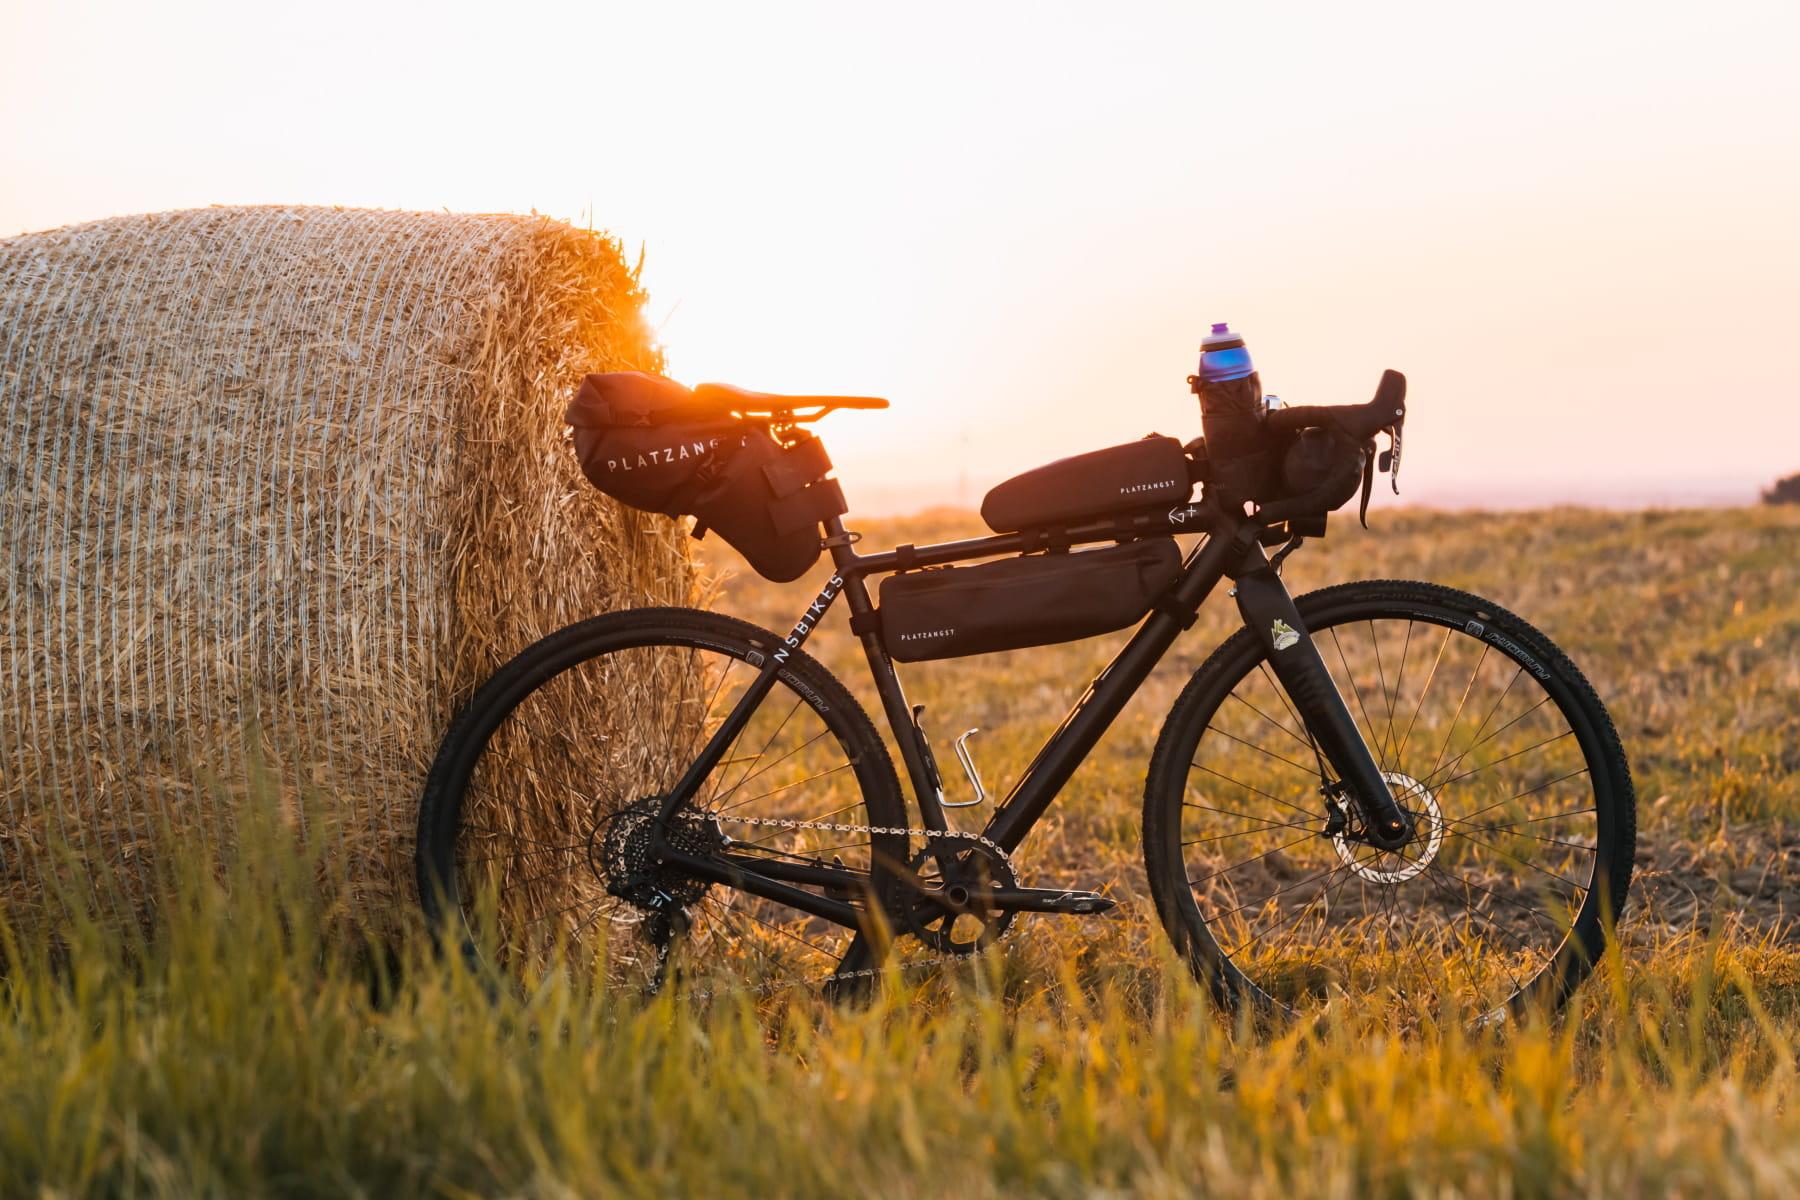 Platzangst-Taschen-Bikepacking_stephanpetersdesign-de-3